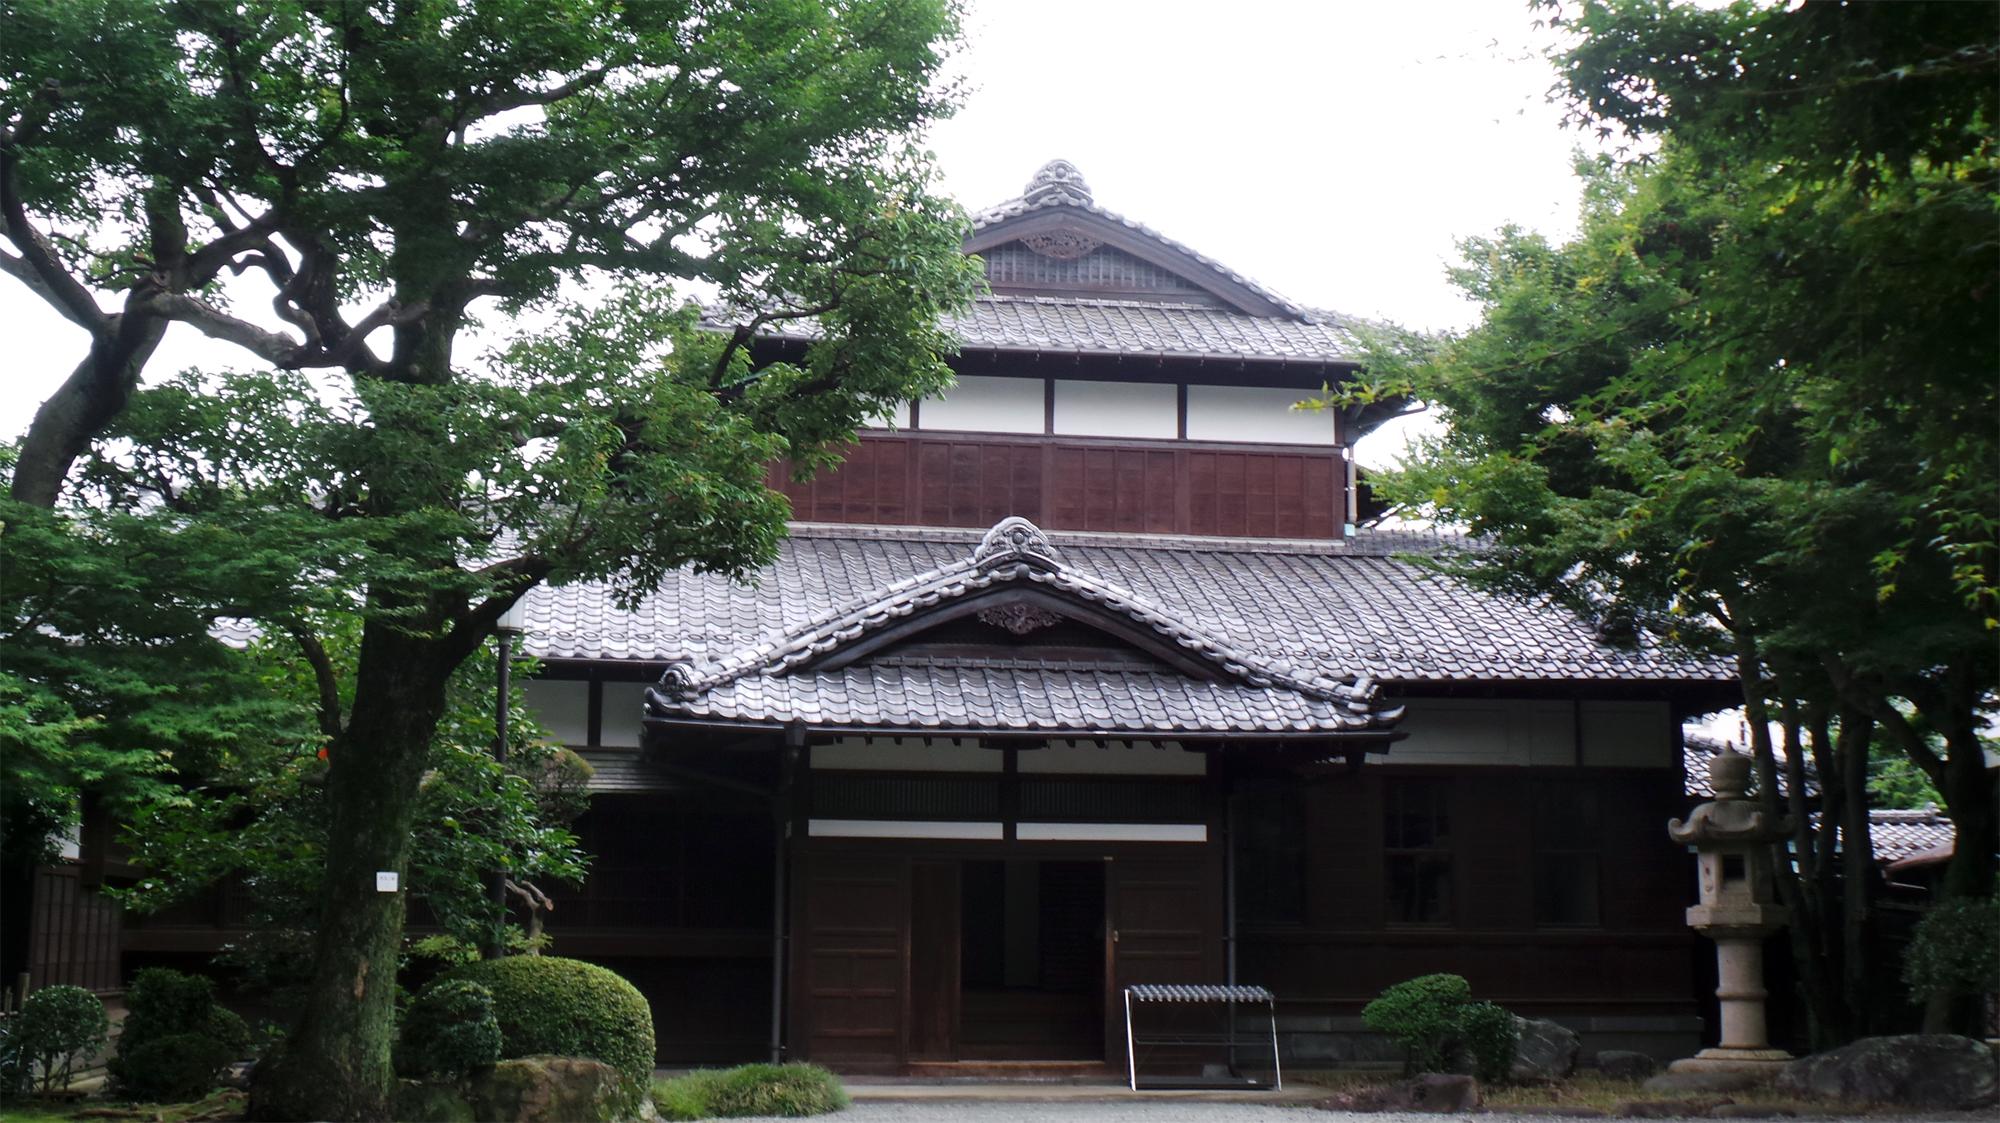 maison au japon elegant luaccs au pavillon japonais se fait par un pas qui traverse le jardin. Black Bedroom Furniture Sets. Home Design Ideas